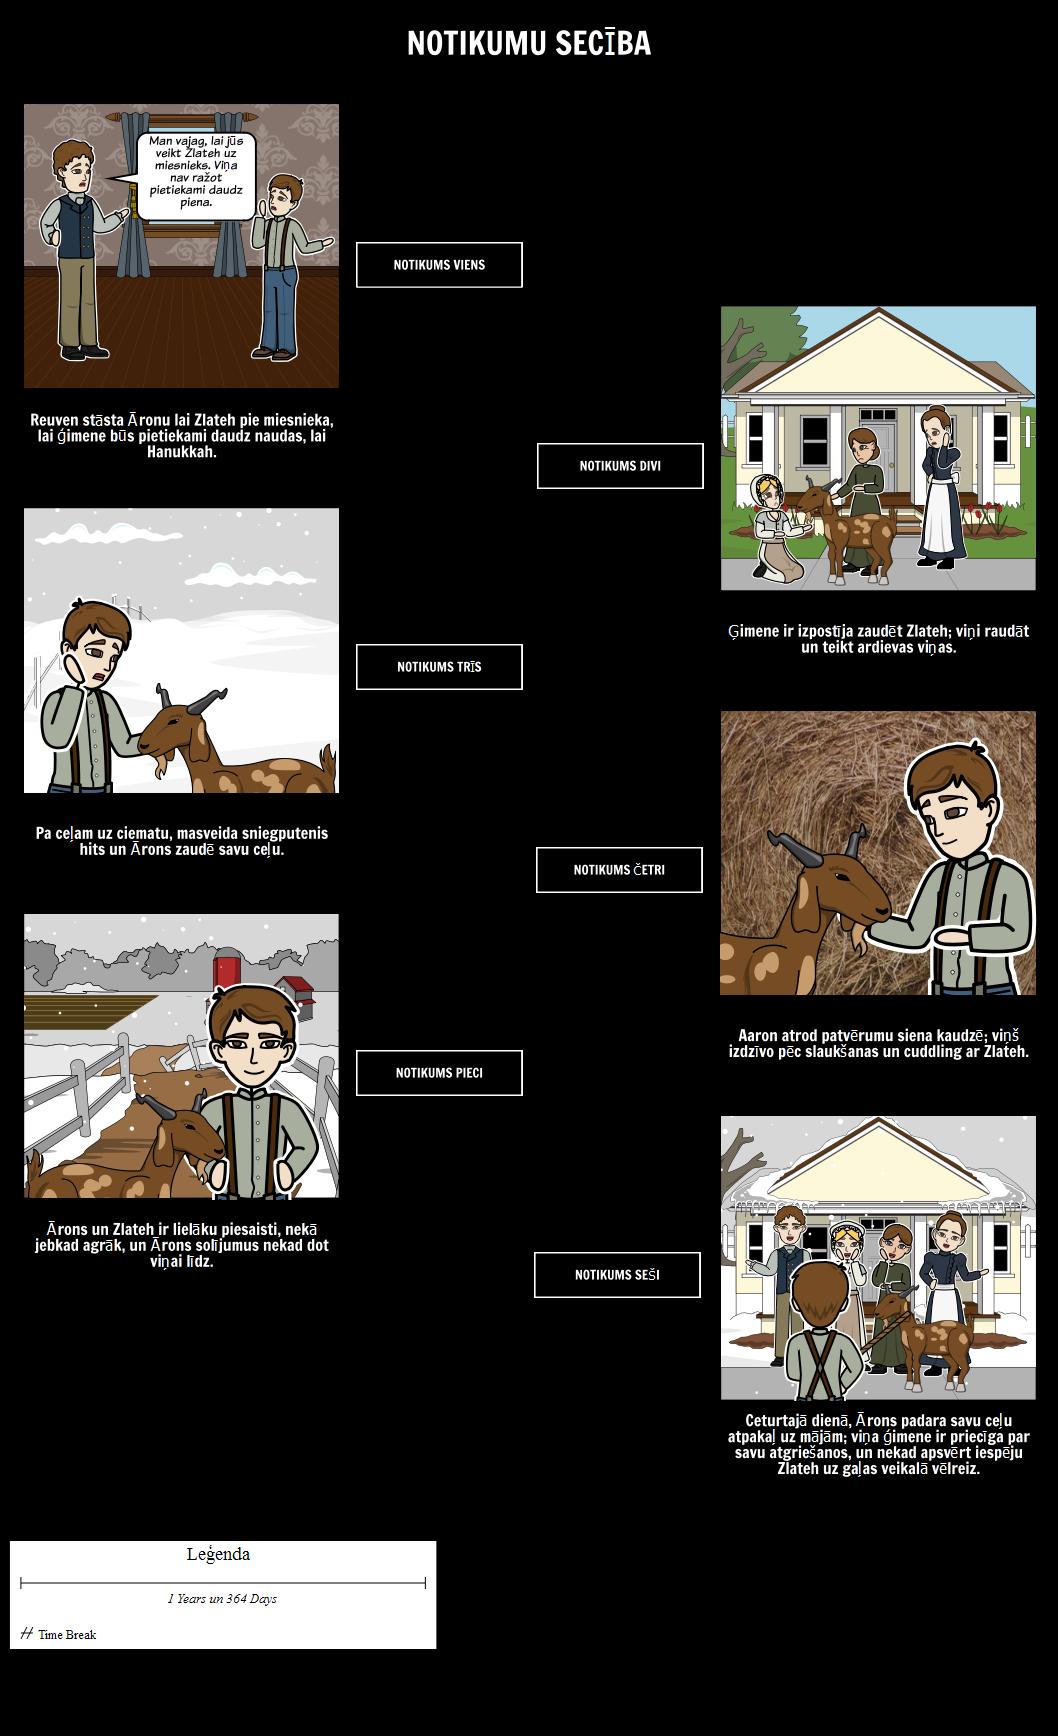 Zlateh Kaza - Sequence